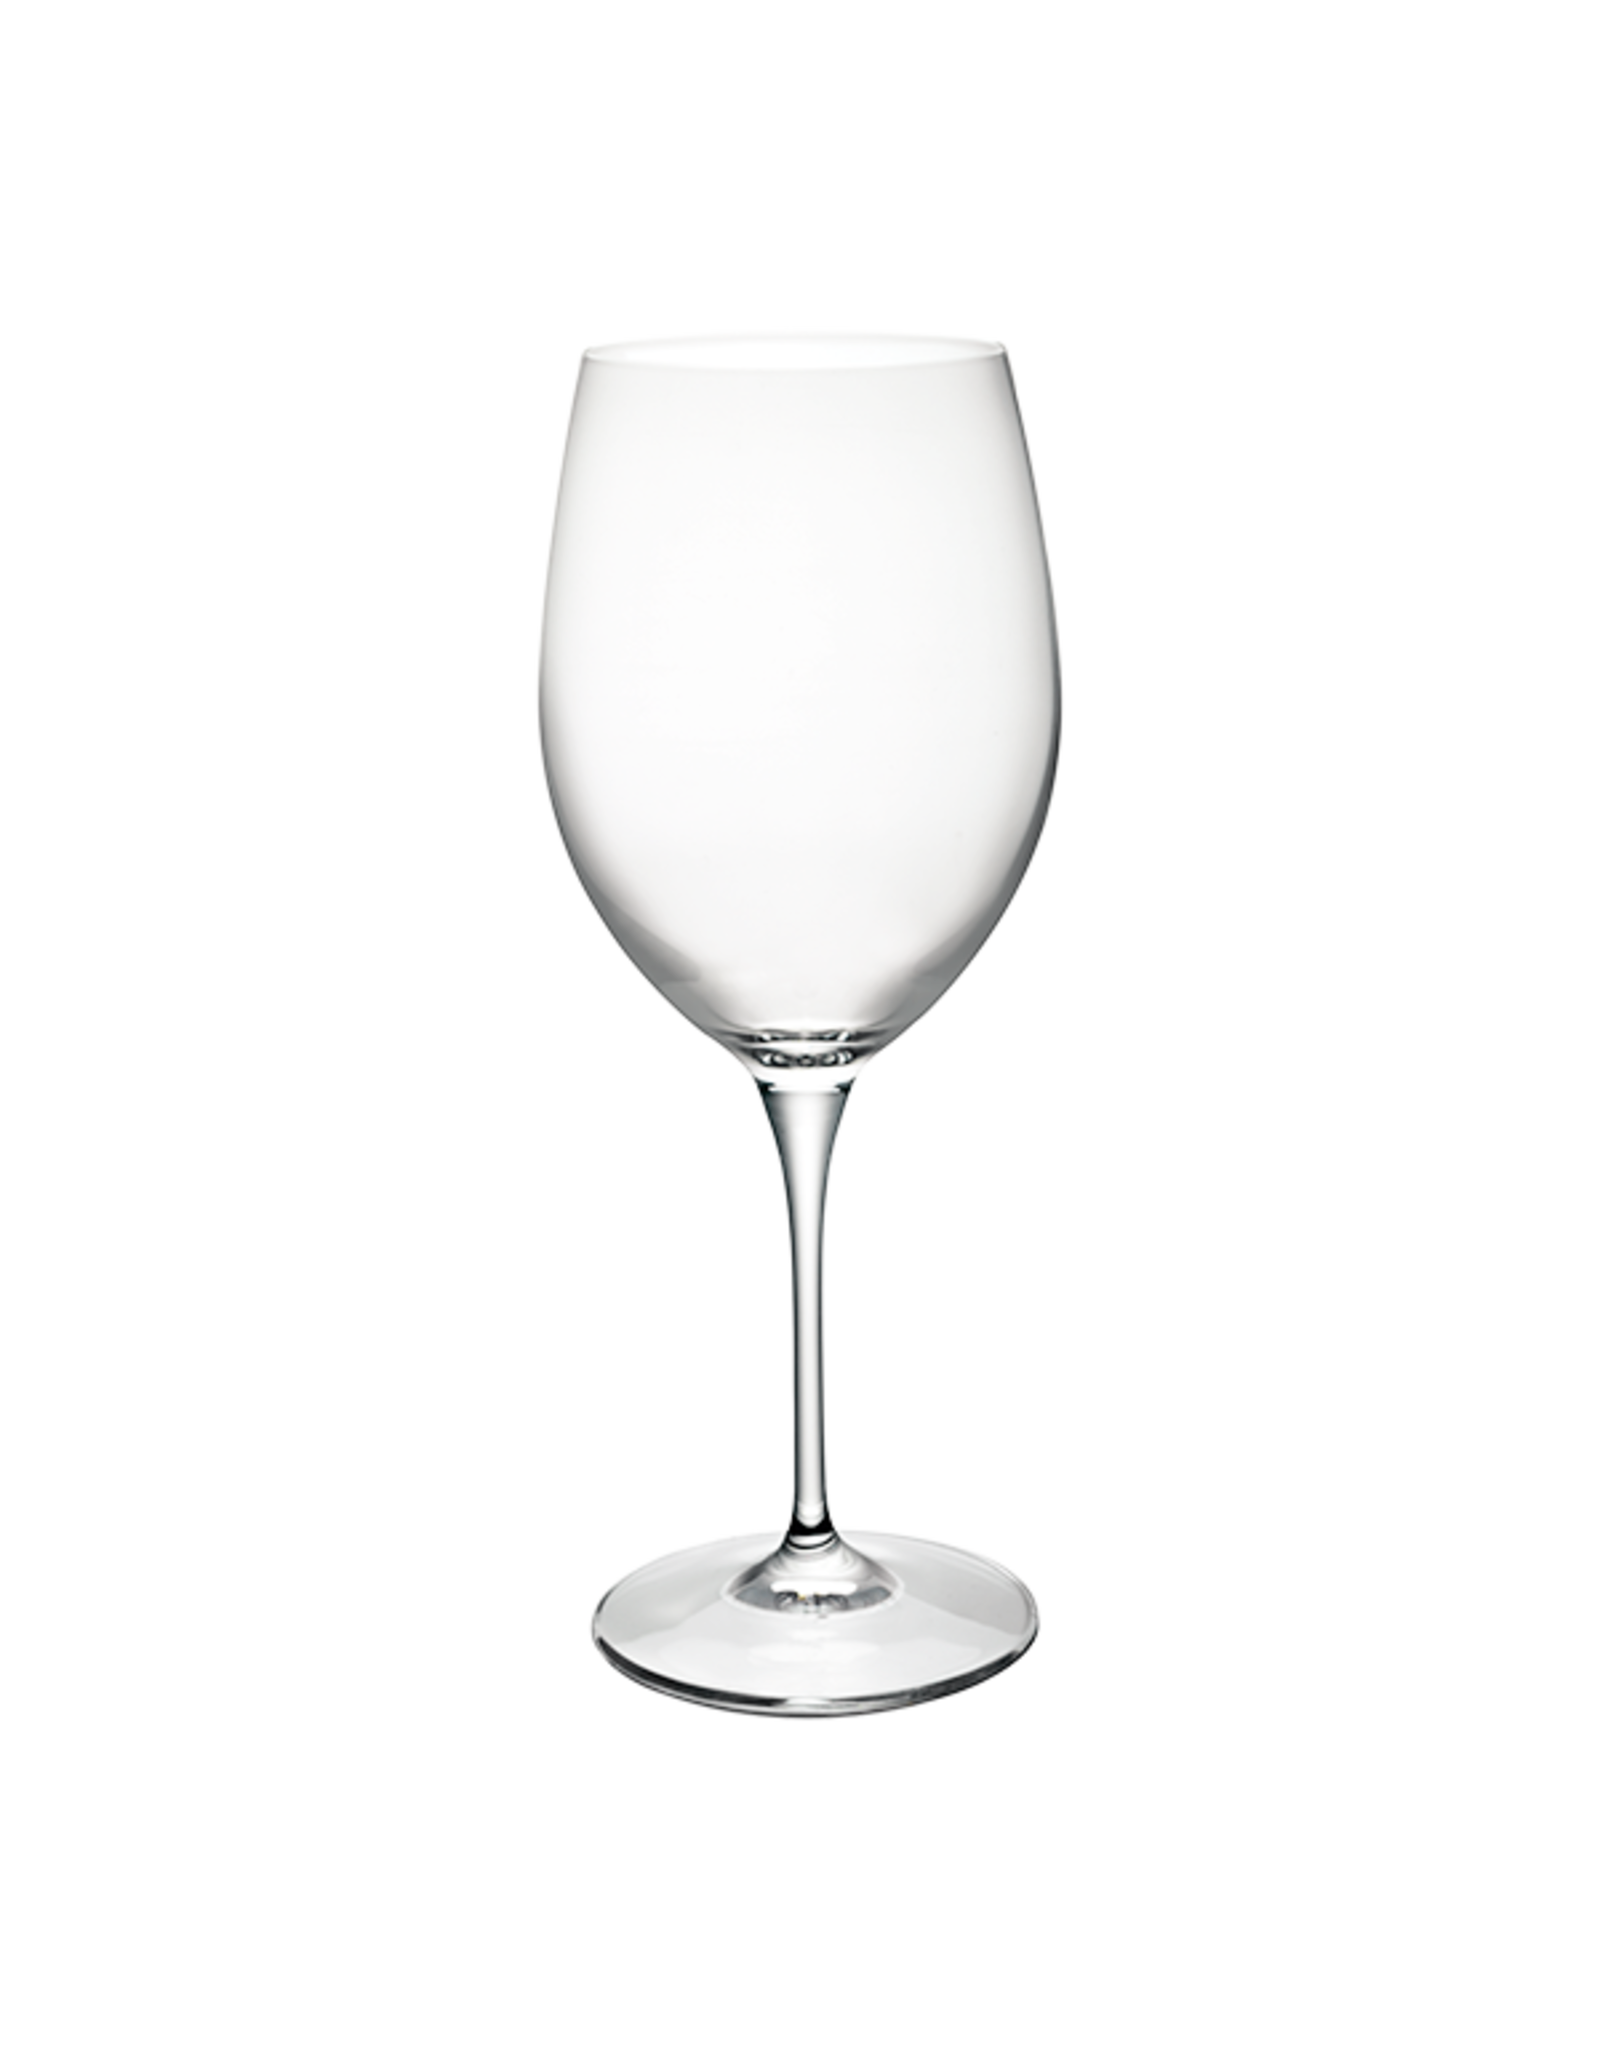 Chardonnay Wine Glass  20 oz - Set of 4